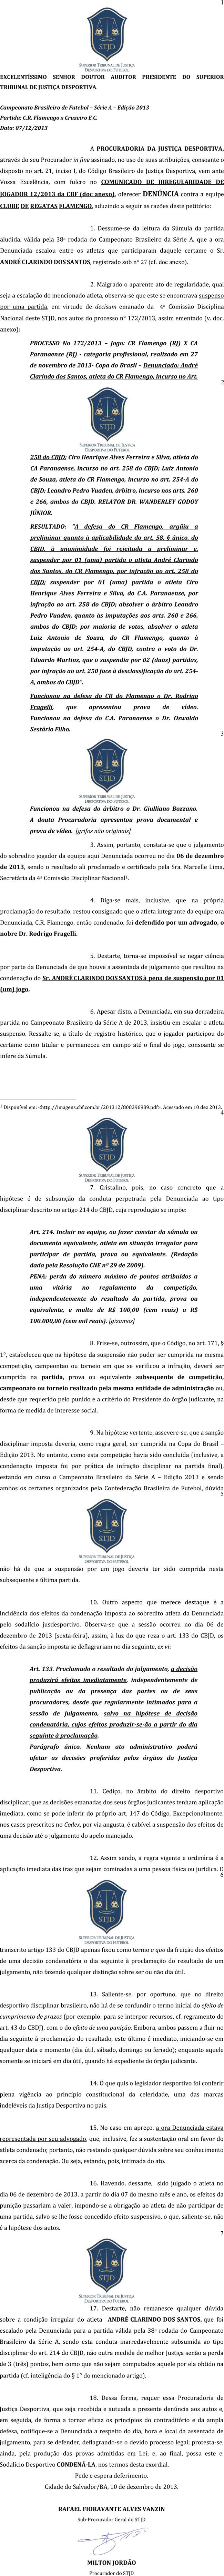 Denúncia da Procuradoria Geral do Superior Tribunal de Justiça Desportiva contra o Flamengo